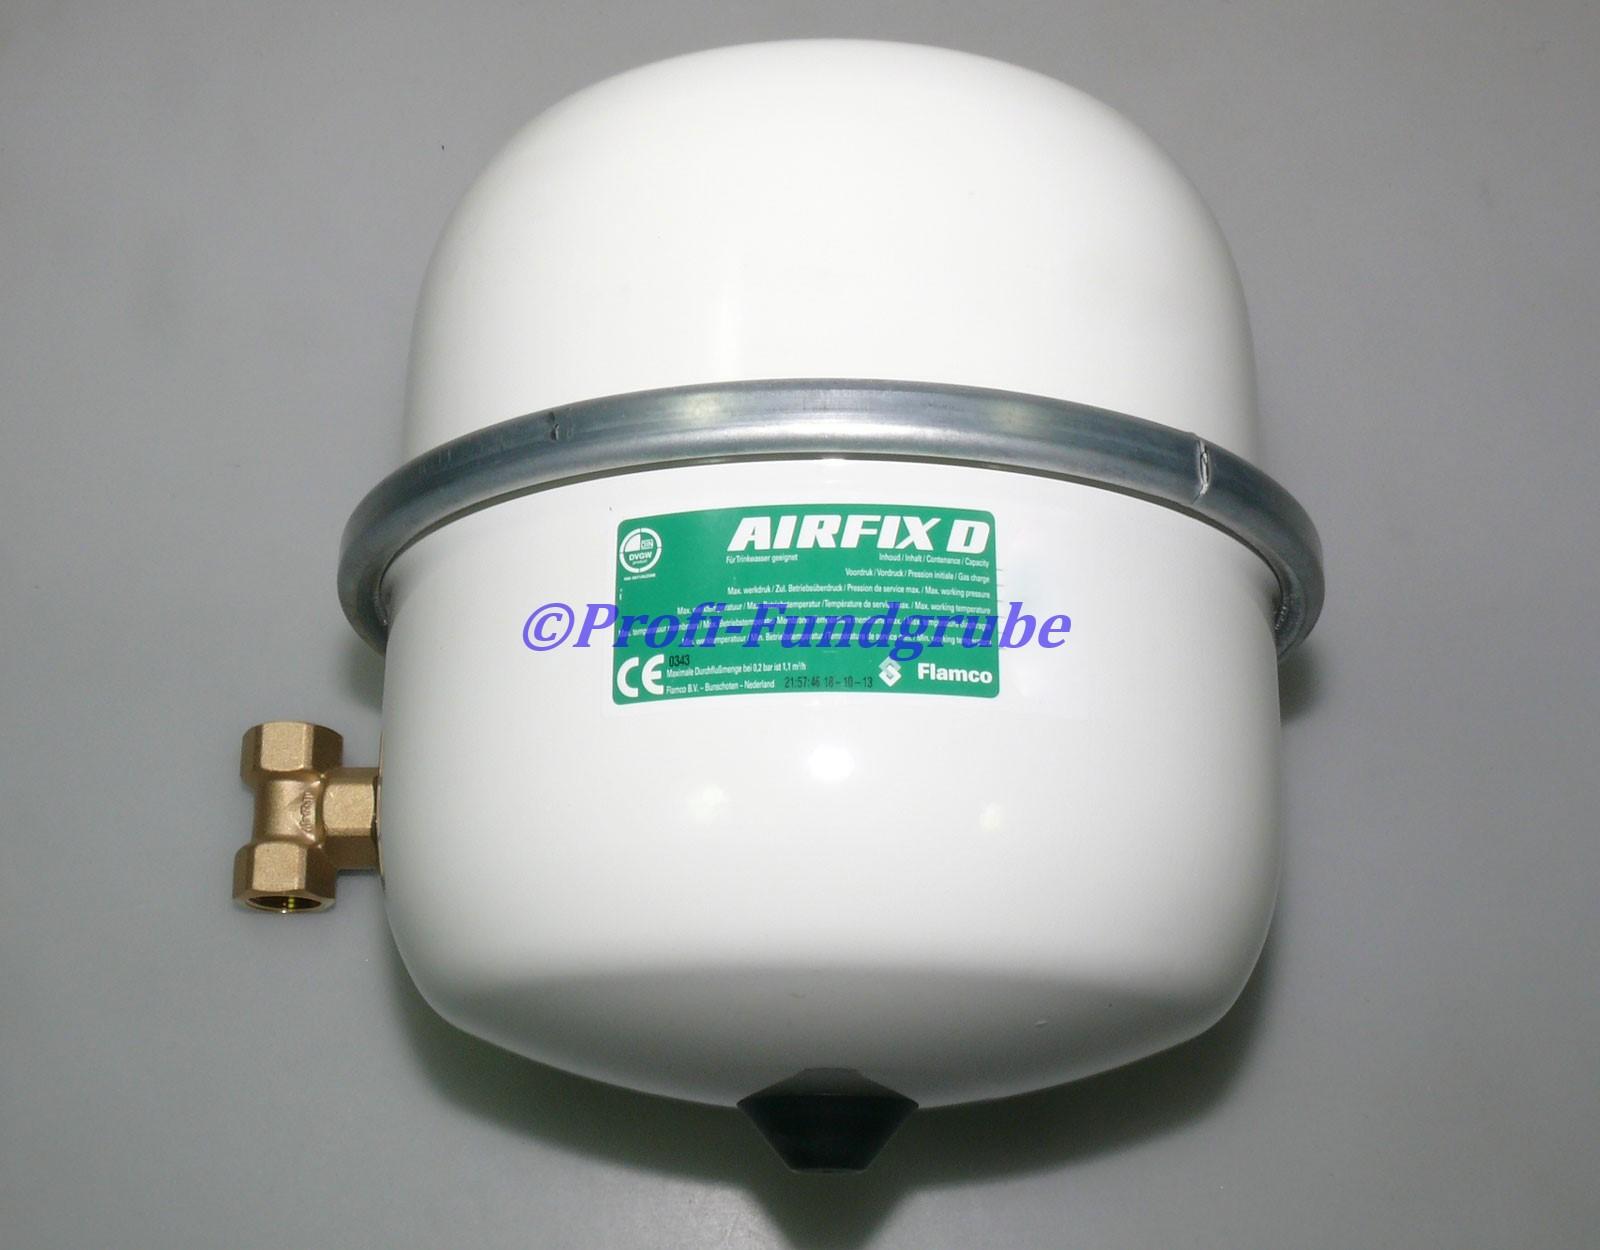 flamco airfix d ausdehnungsgef 12 liter trinkwasser ausdehnungsgef ss kaufen bei. Black Bedroom Furniture Sets. Home Design Ideas